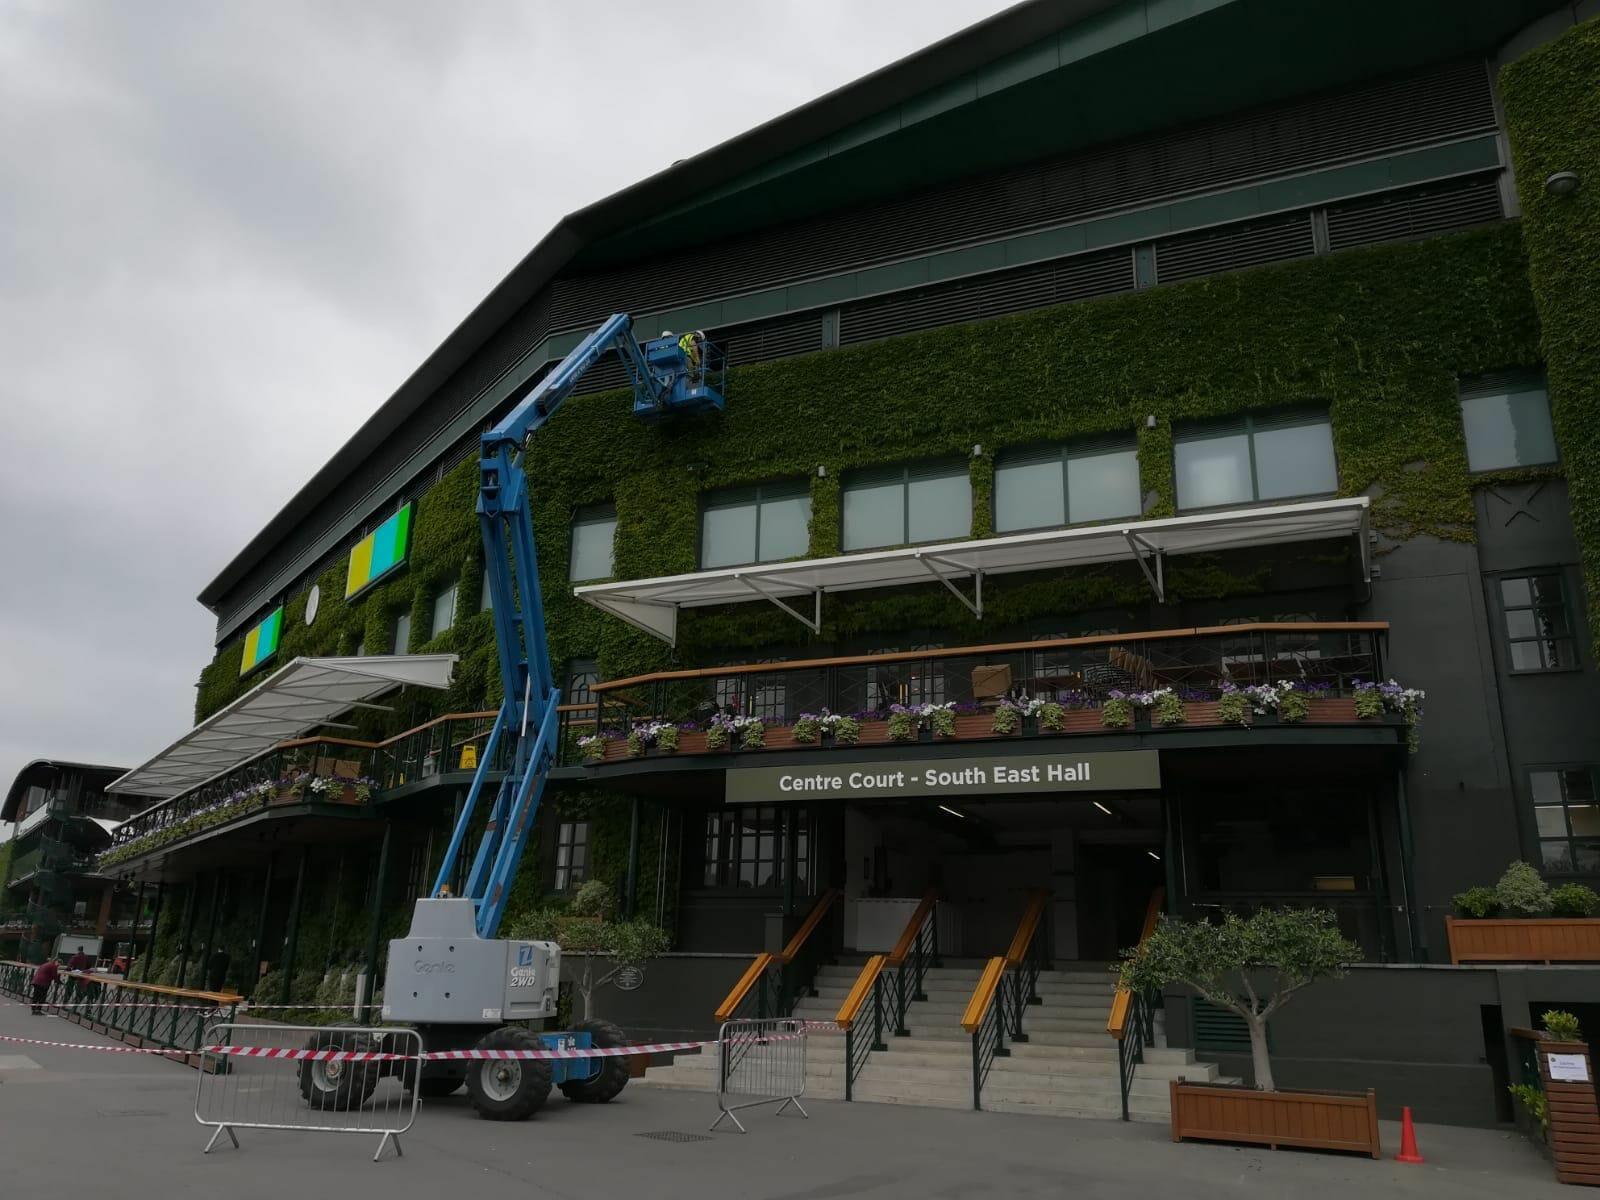 Beside Sport - Découvrez Wimbledon avant le tournoi - Pas de public dit forcément travaux...maudite grue -